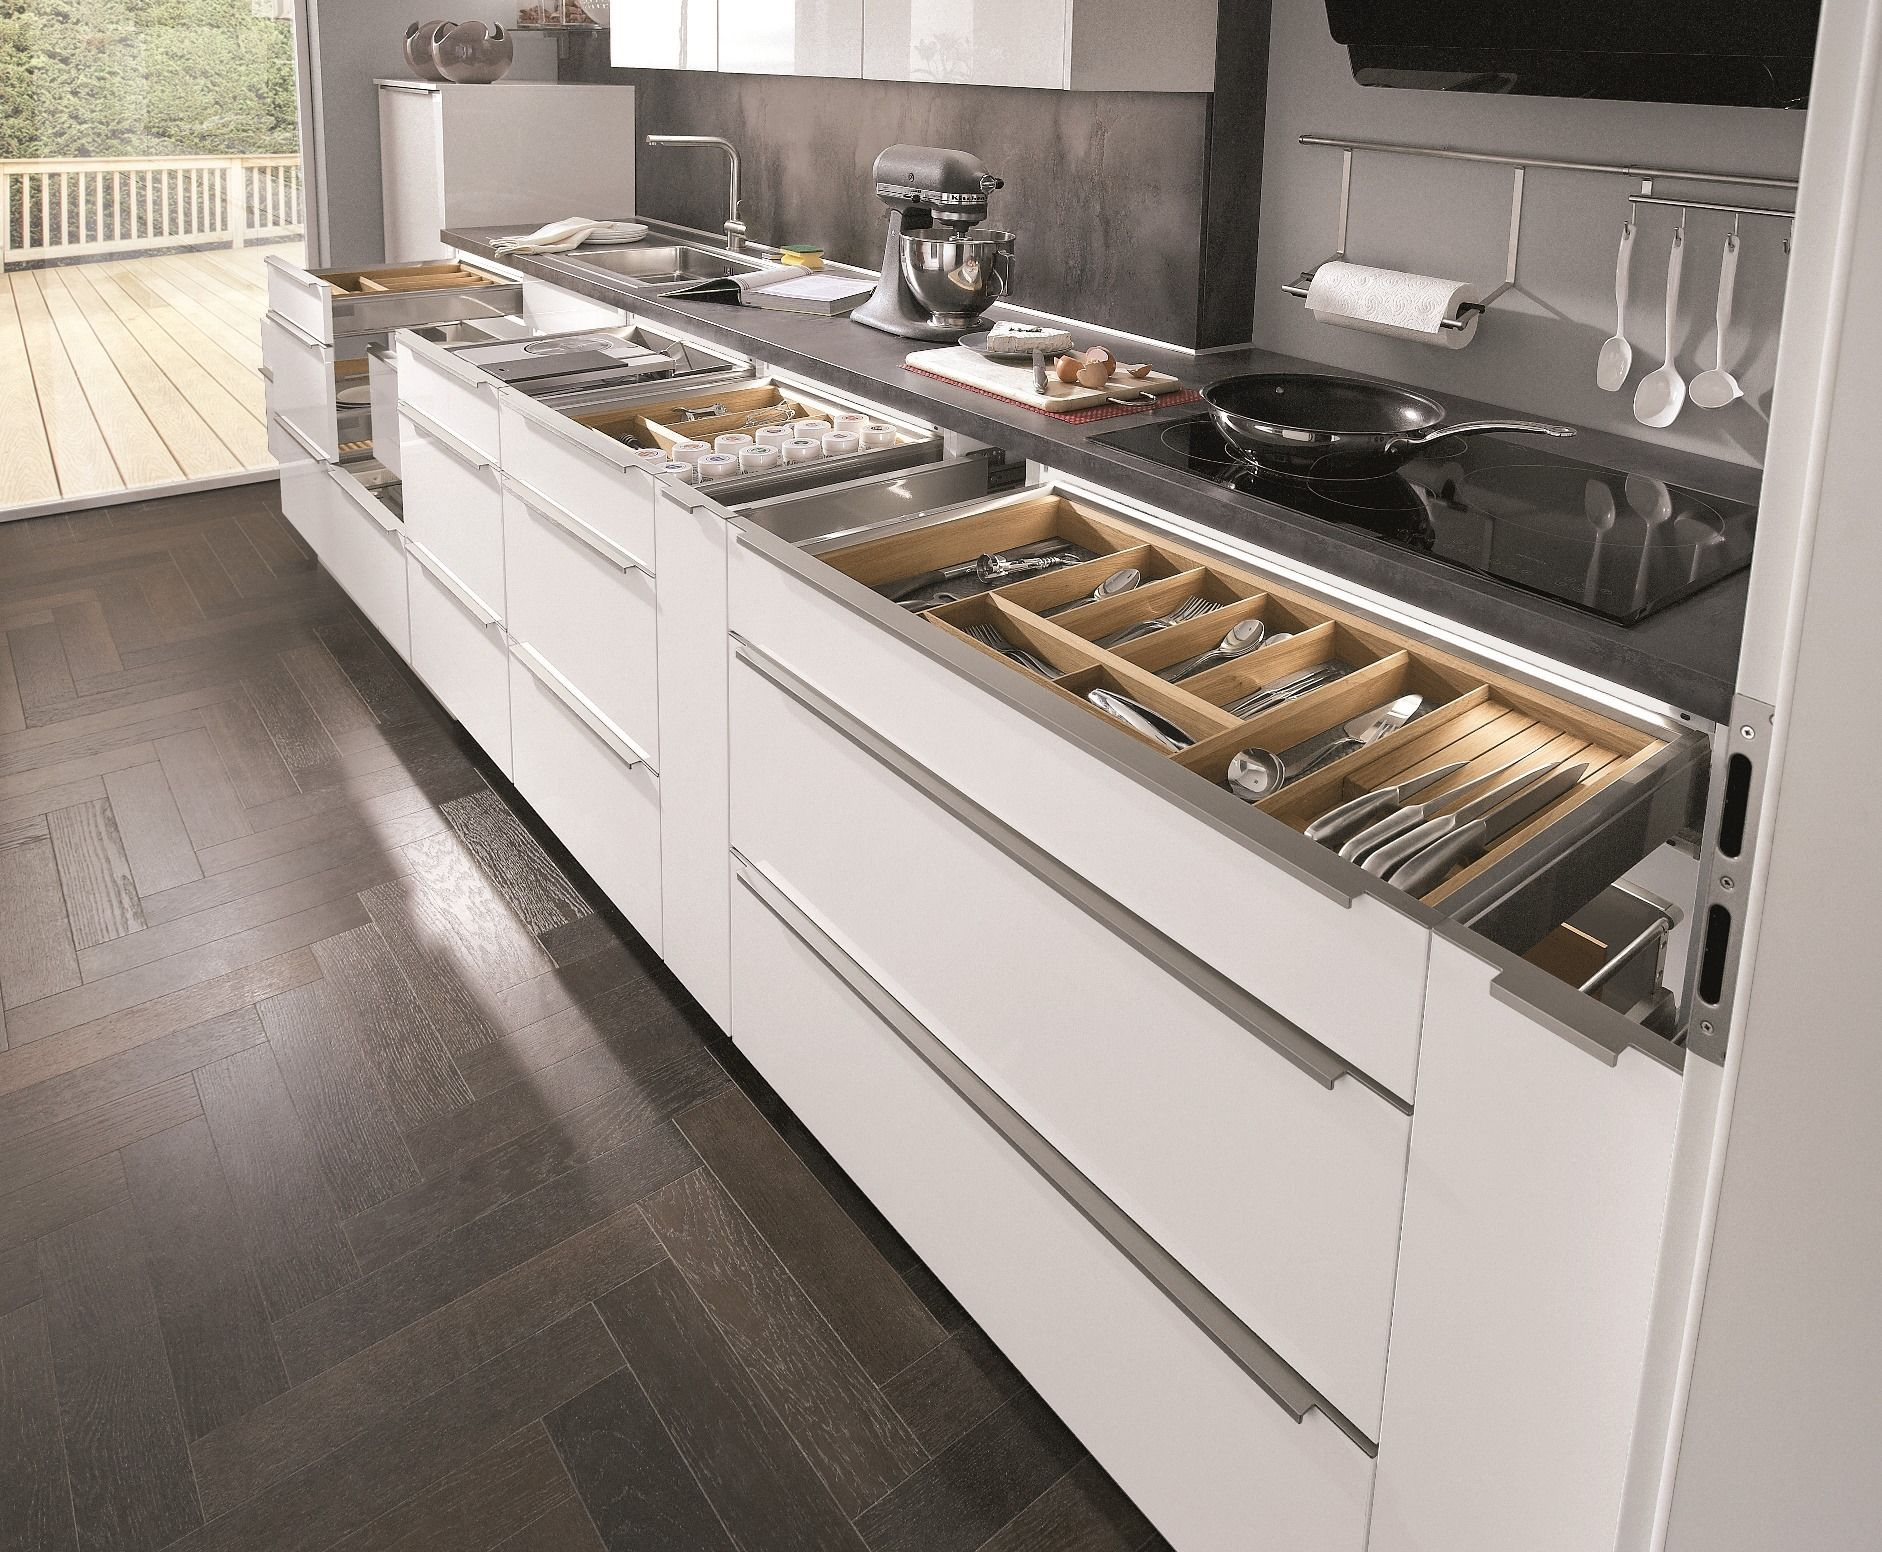 Groß Küchen Irland Dublin Ideen - Ideen Für Die Küche Dekoration ...